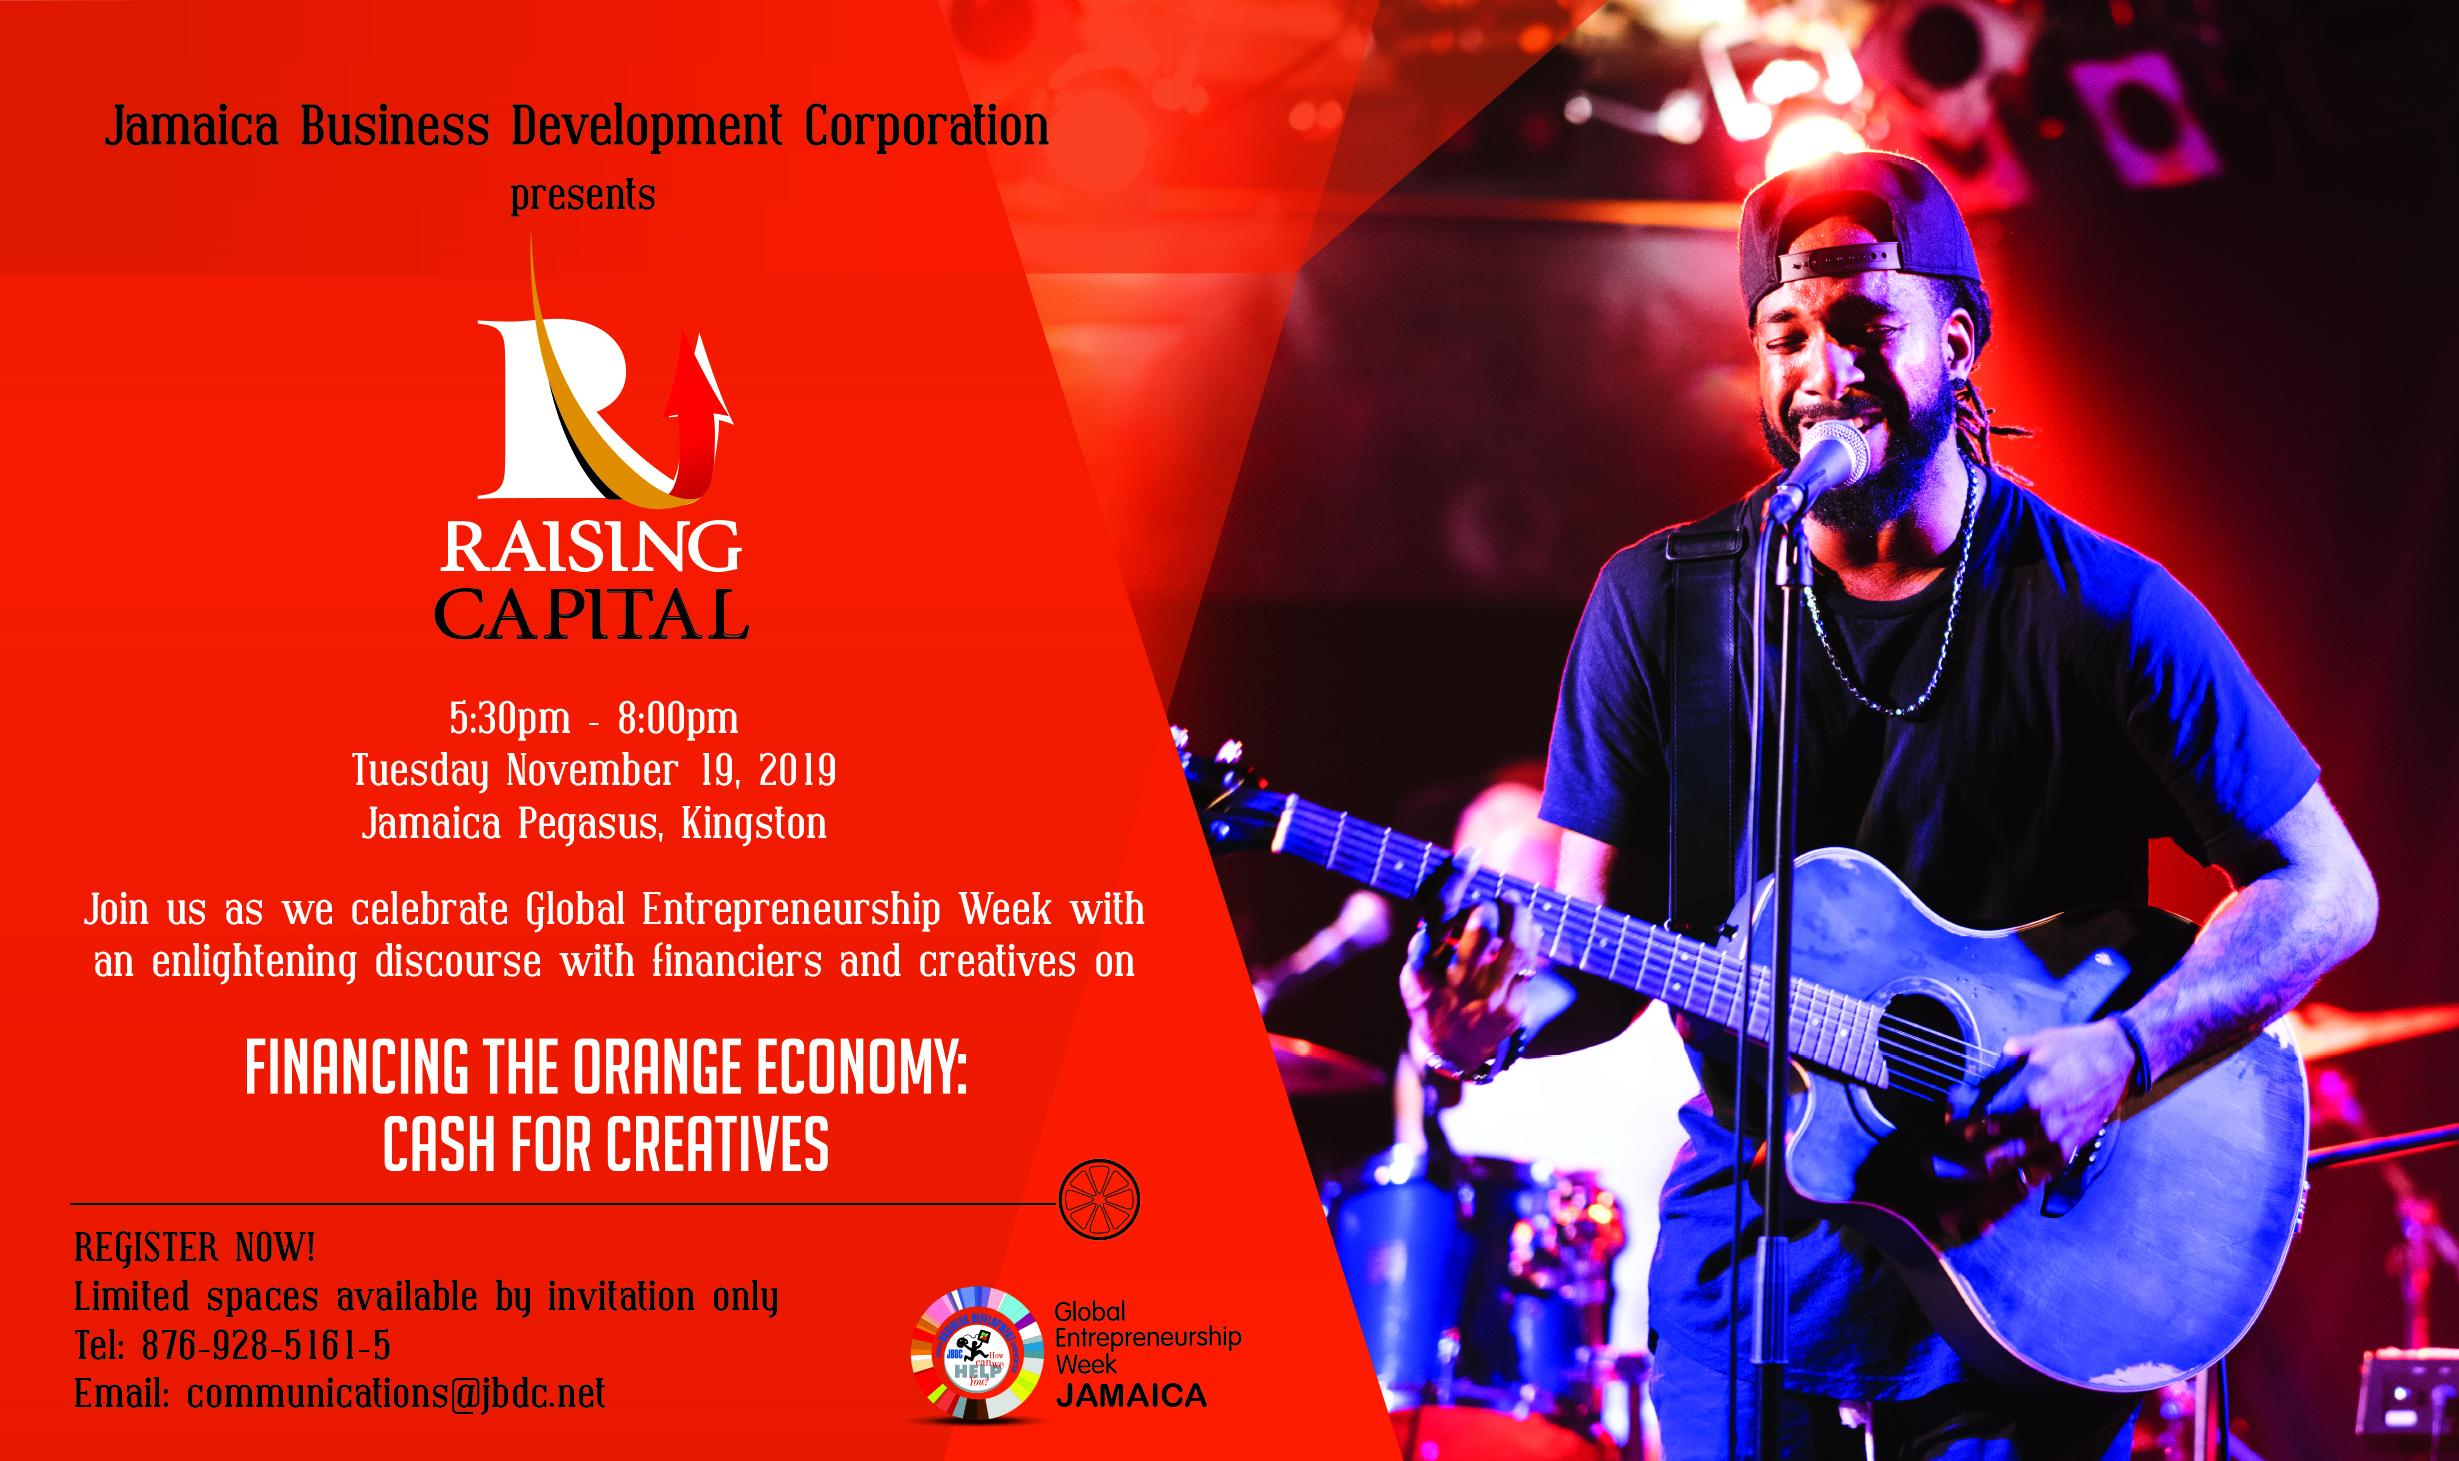 Rasing Capital invite